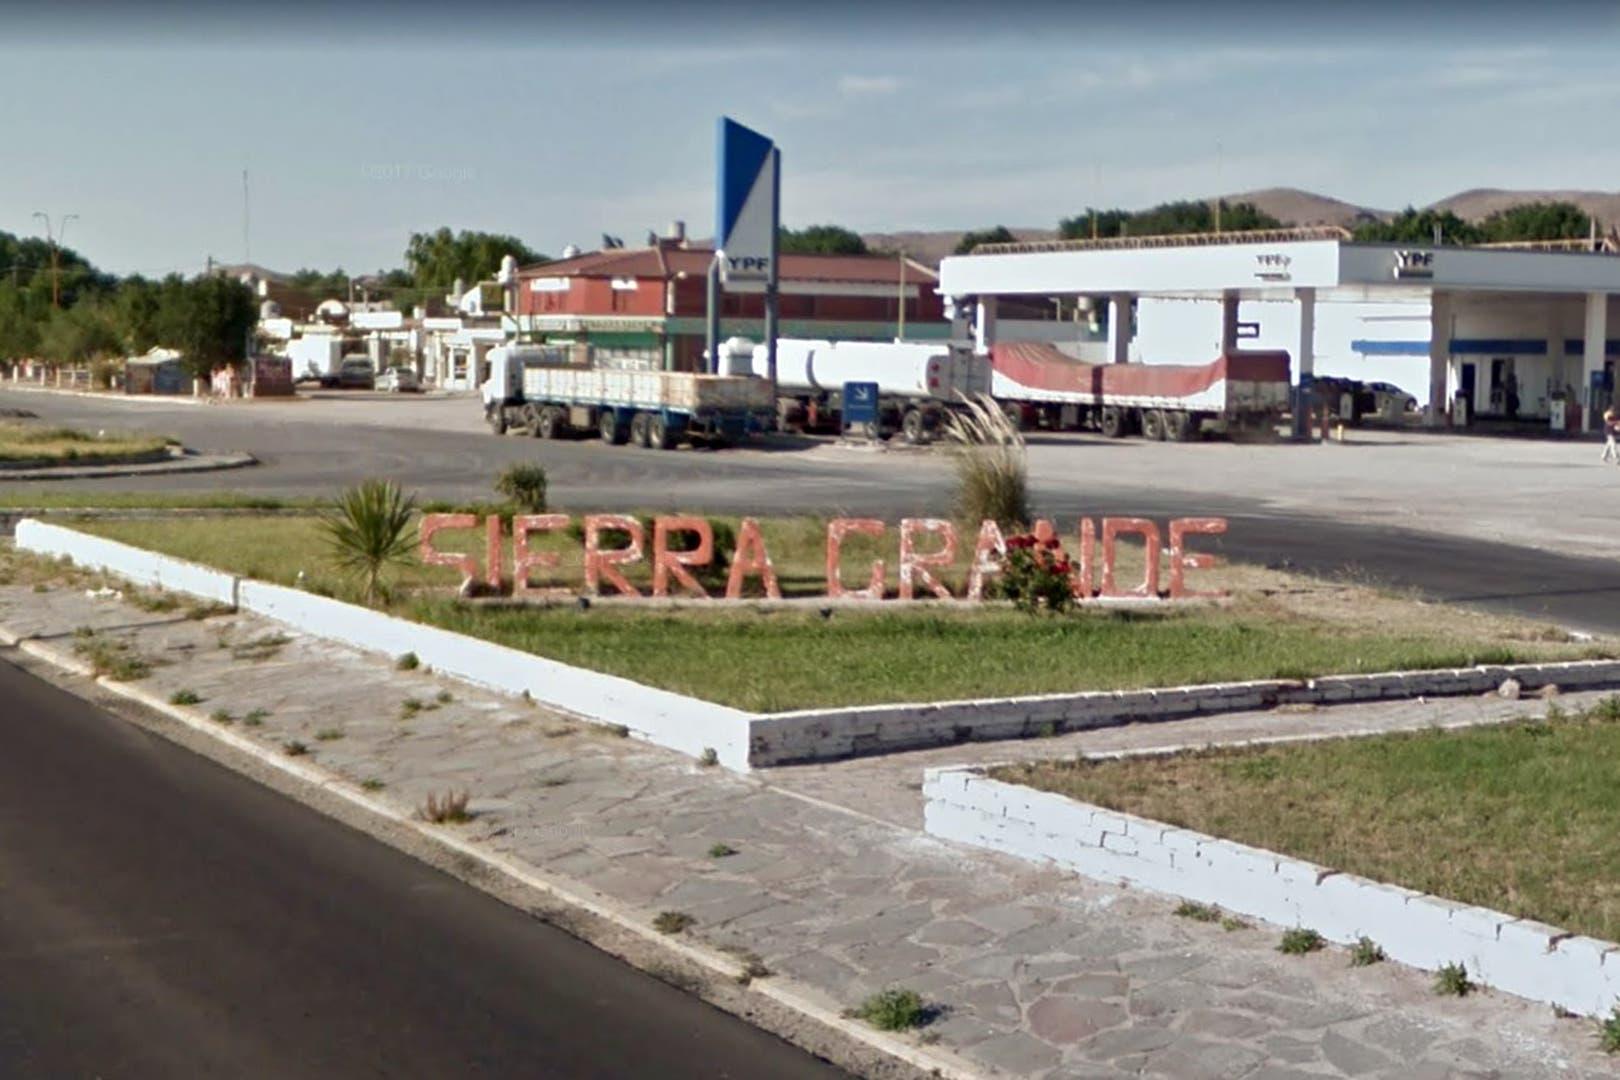 Sierra Grande tuvo su tiempo de gloria desde 1969 hasta 1991, cuando un decreto de Carlos Menem ordenó cerrar la mina de hierro de la que vivían la mayoría de sus habitantes